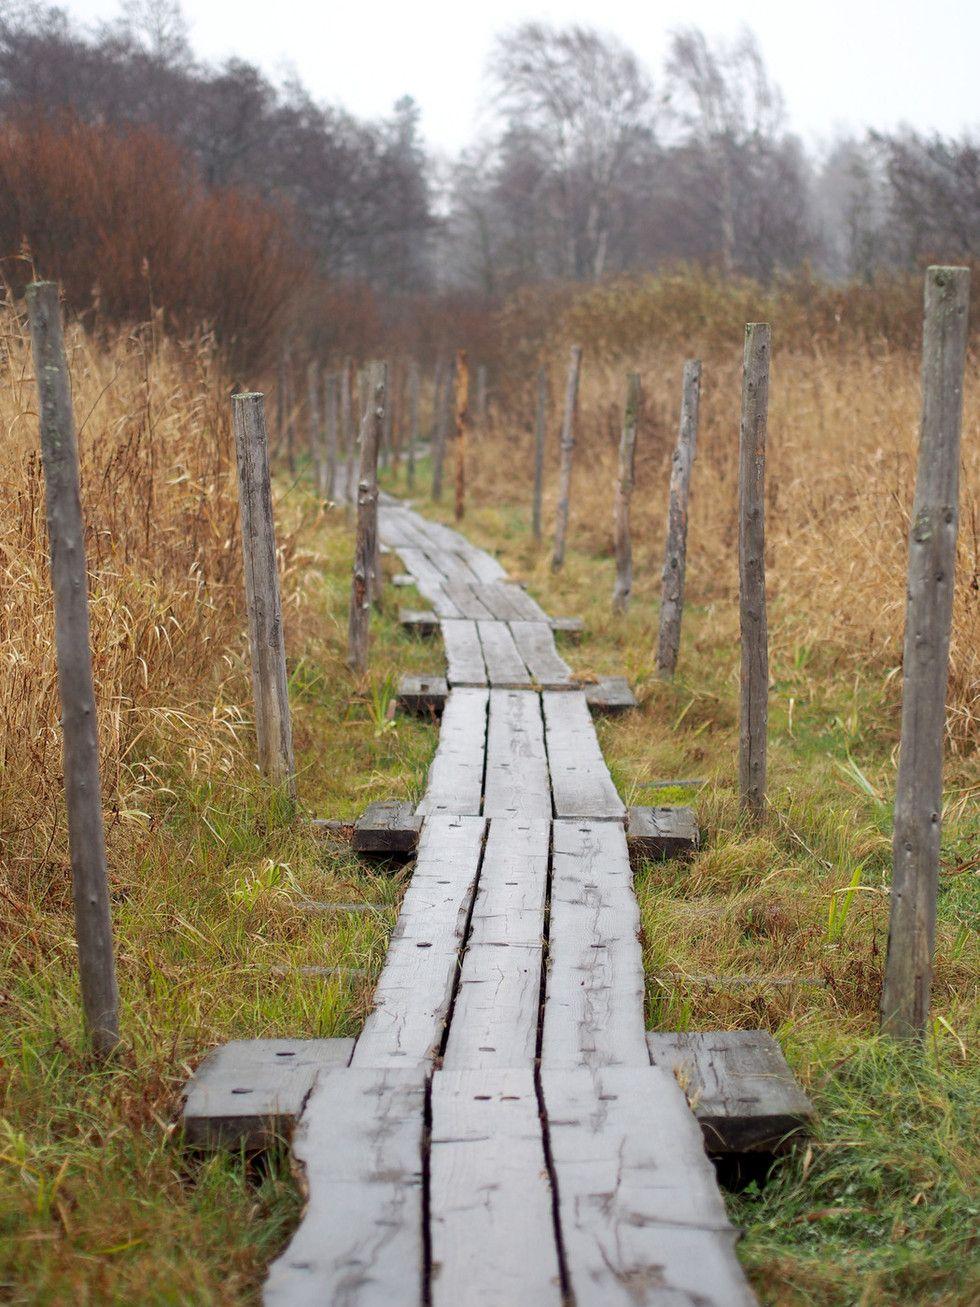 Luontoretki keskellä Helsinkiä | Viikin luonnonsuojelualue, Vanhakaupunki - Pupulandia | Lily.fi